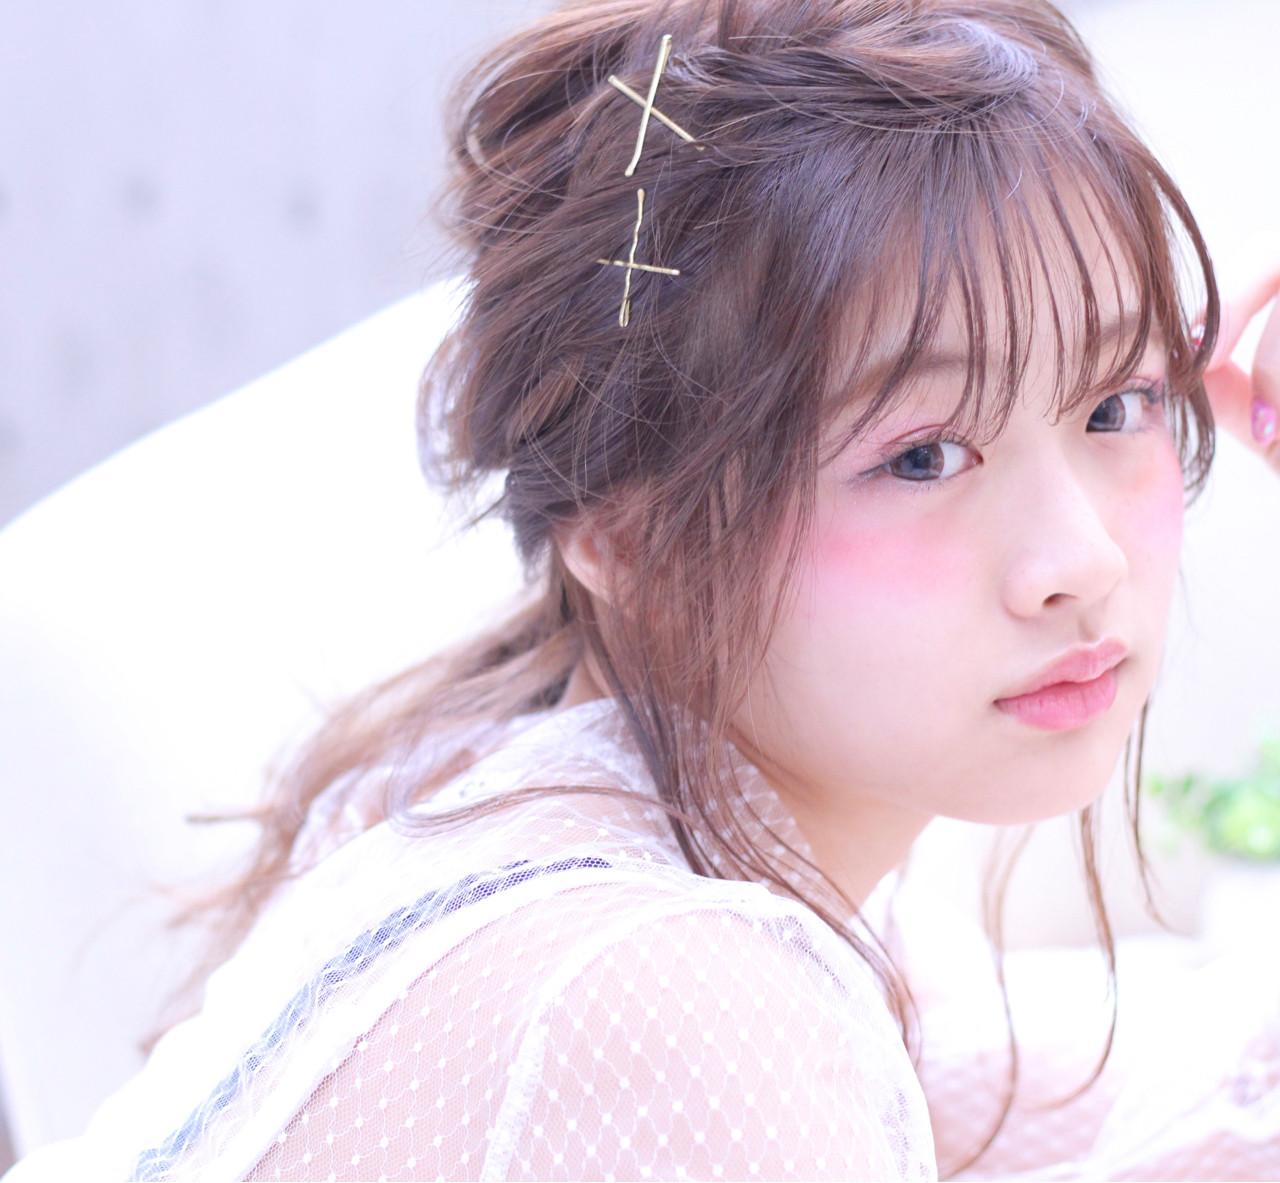 シースルーバング デート おフェロ ガーリー ヘアスタイルや髪型の写真・画像 | Wataru Maeda / cache cache